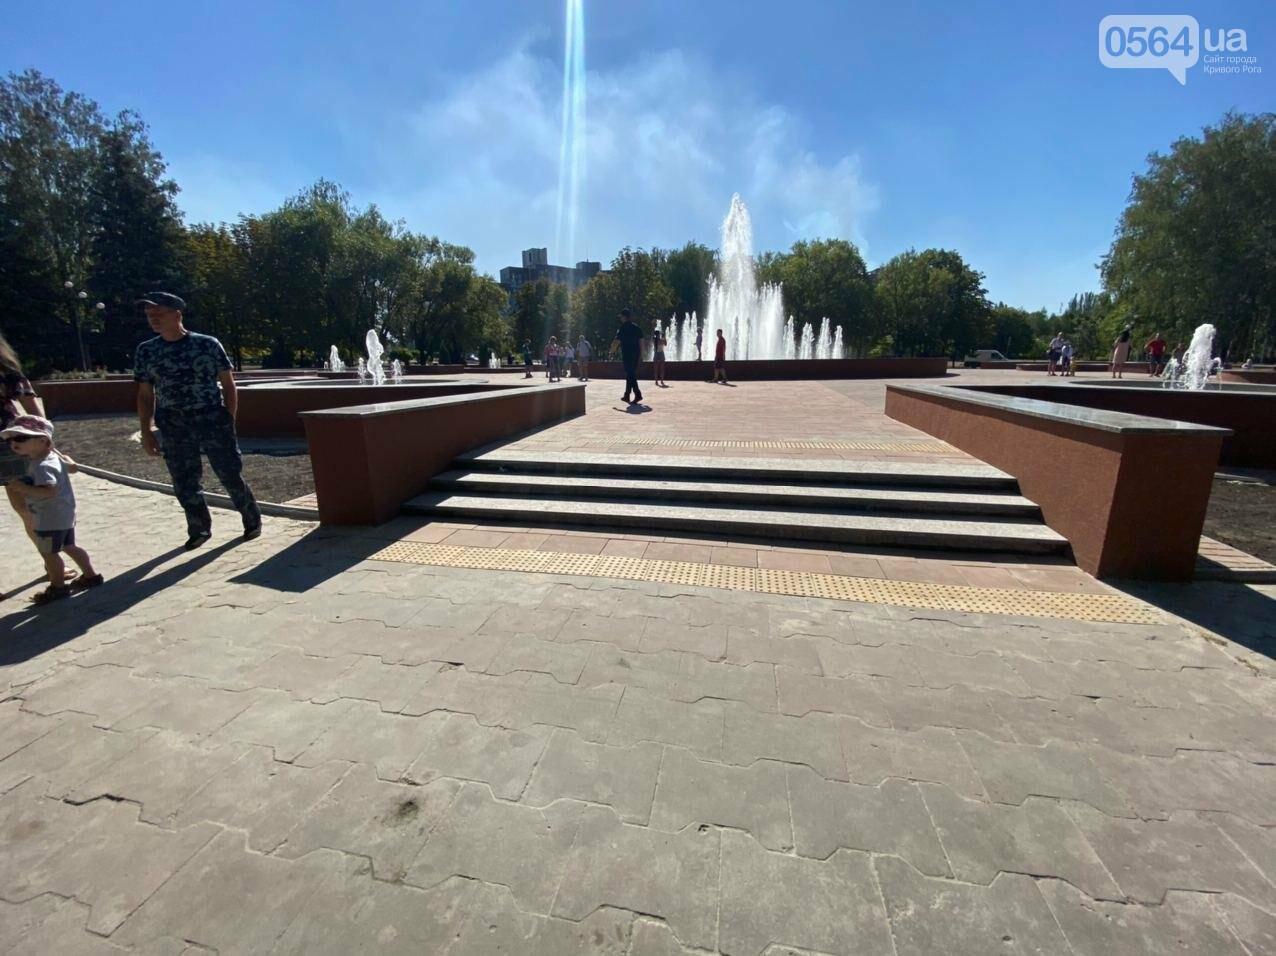 В Кривом Роге включили фонтан перед мэрией, - ФОТО, ВИДЕО , фото-30